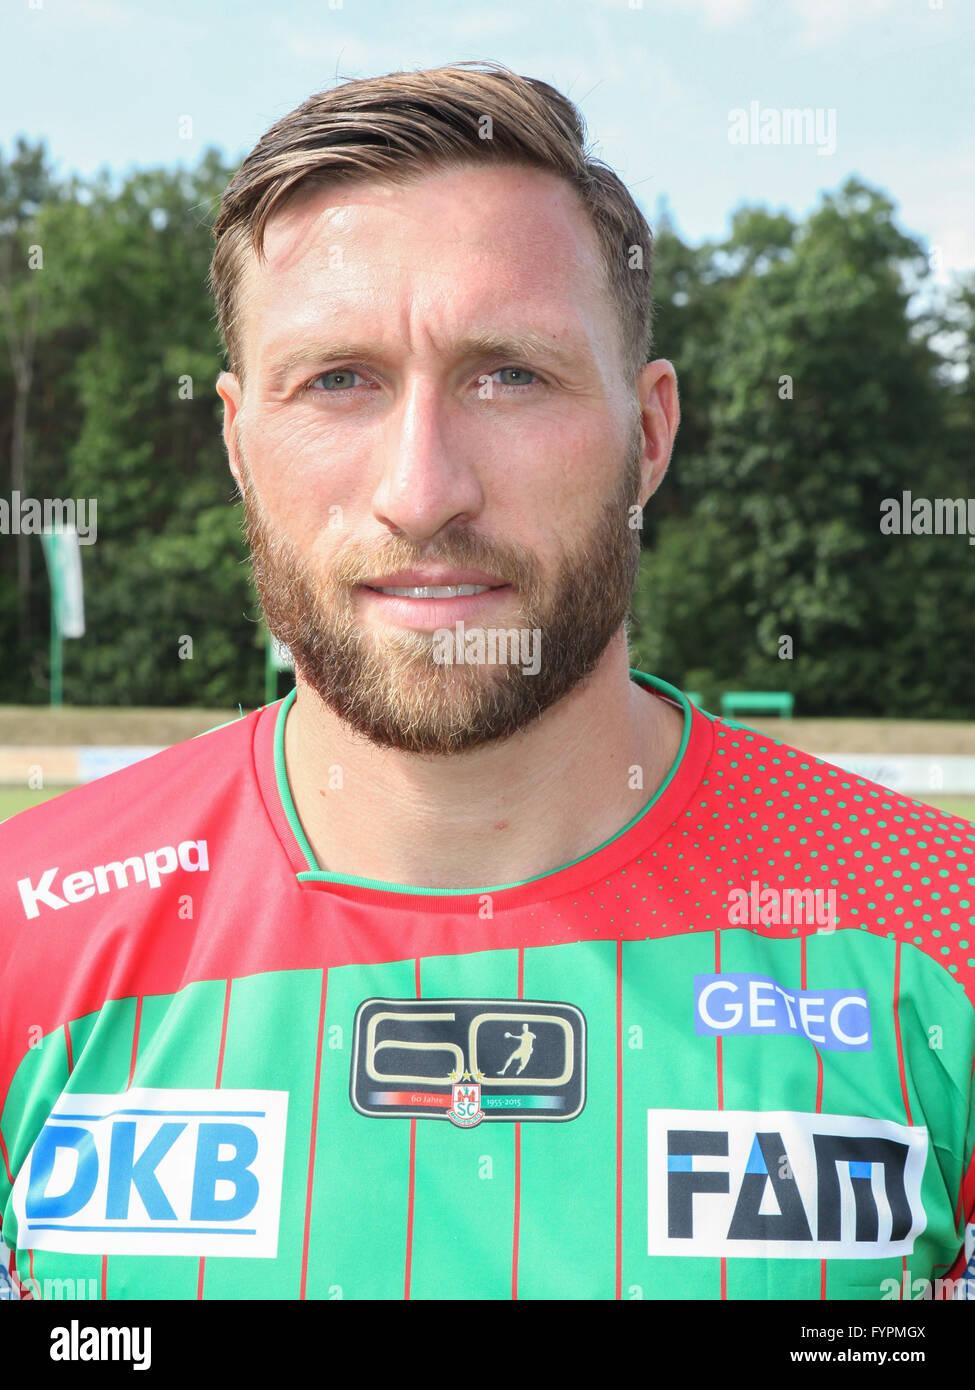 Fabian van Olphen (SC Magdeburg) - Stock Image